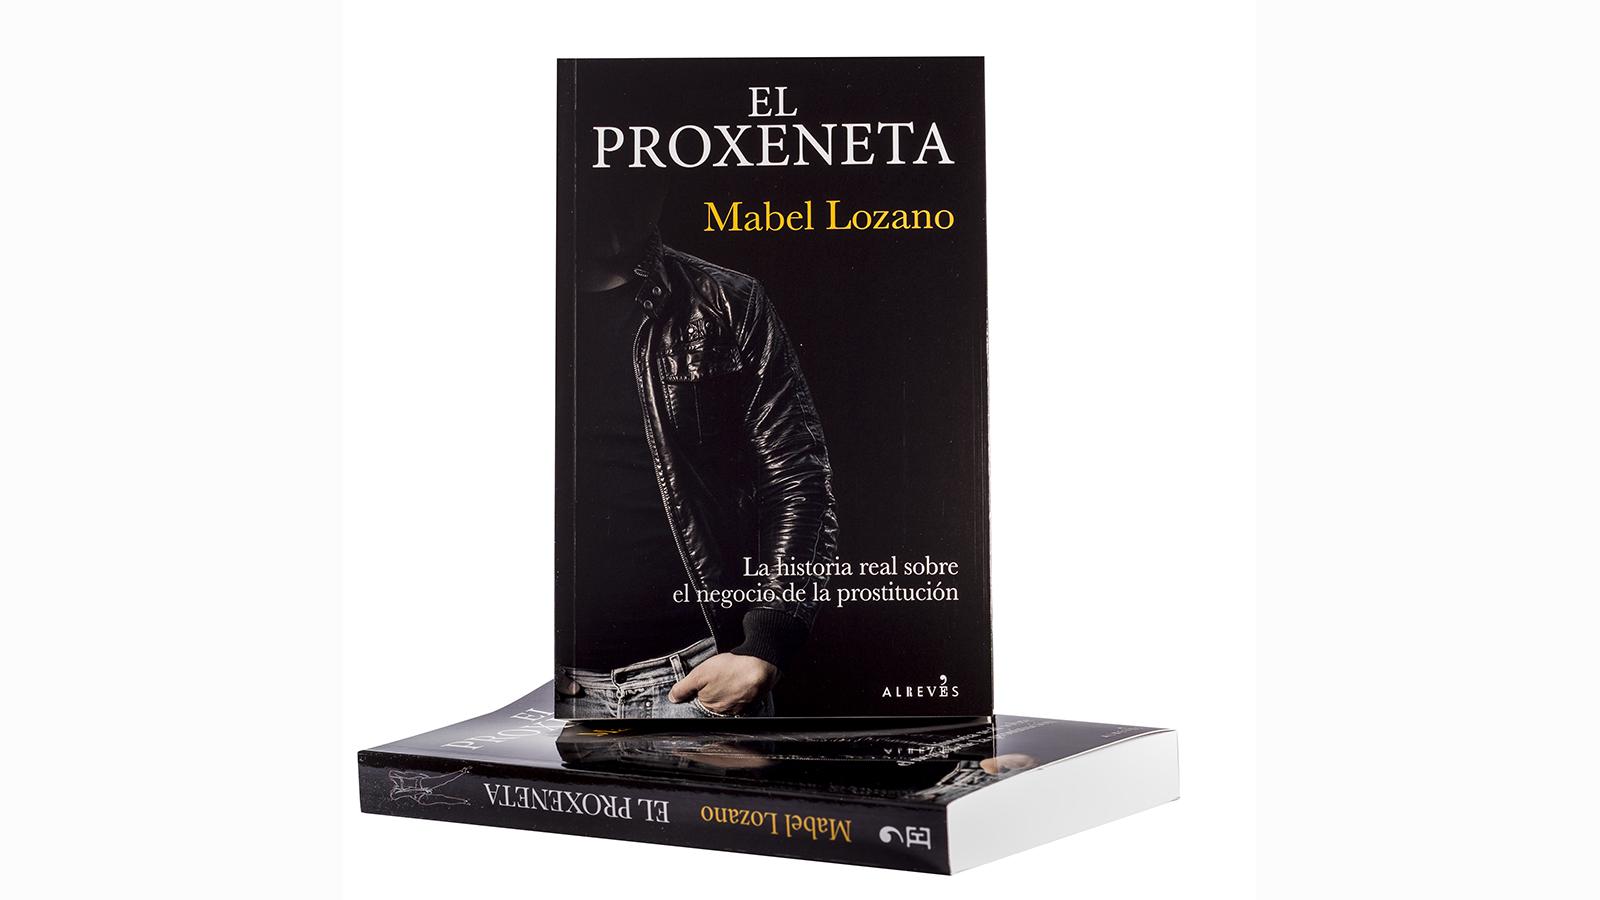 ElProxeneta